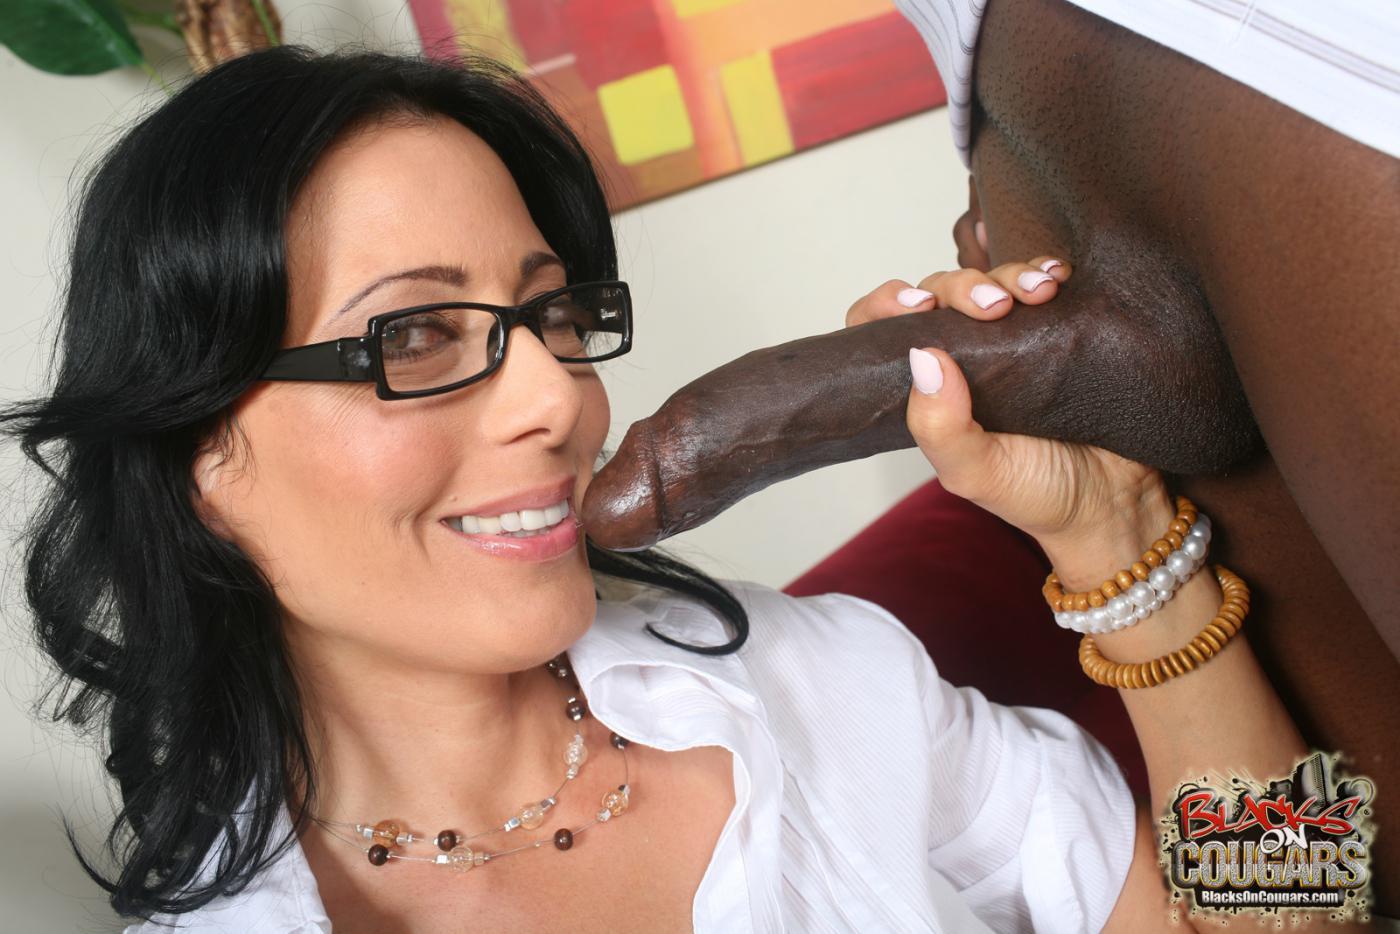 Пышногрудая начальница Zoey Holloway отдается своему черному ассистенту